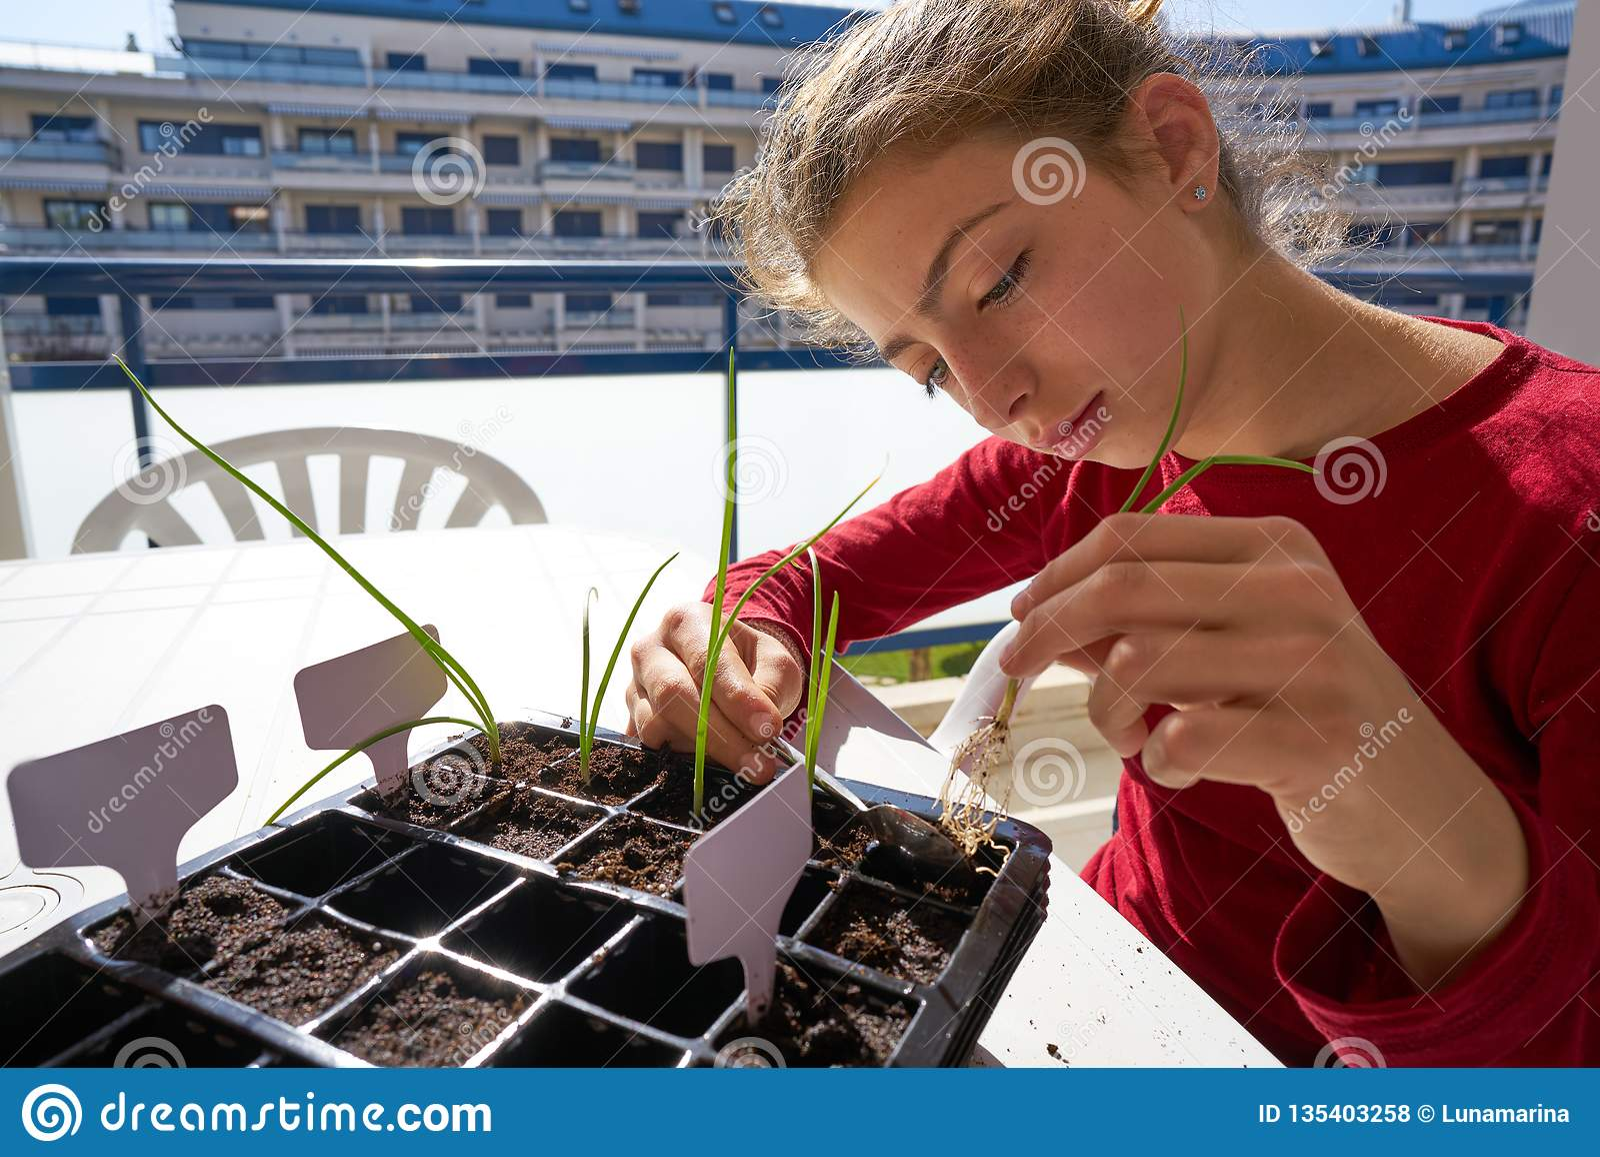 Girl working on seedling task outdoor